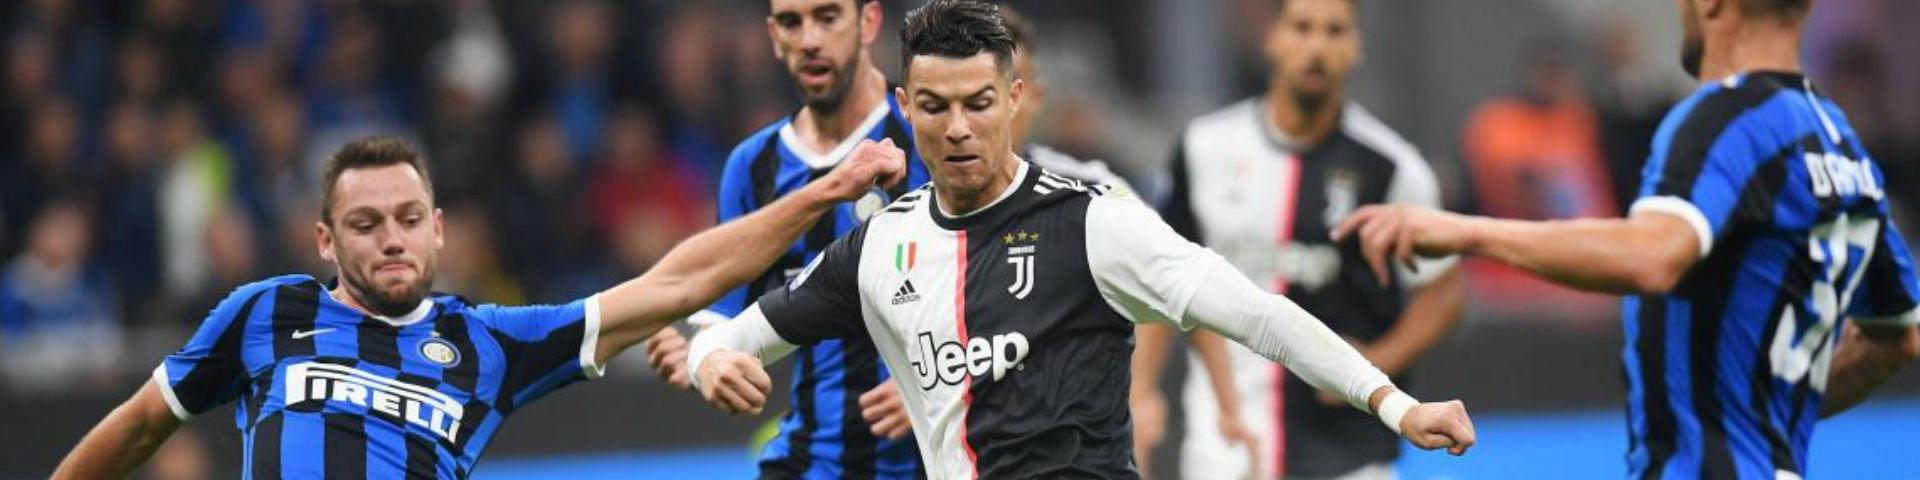 «Ювентус» обыграл «Интер» и вернулся на первое место